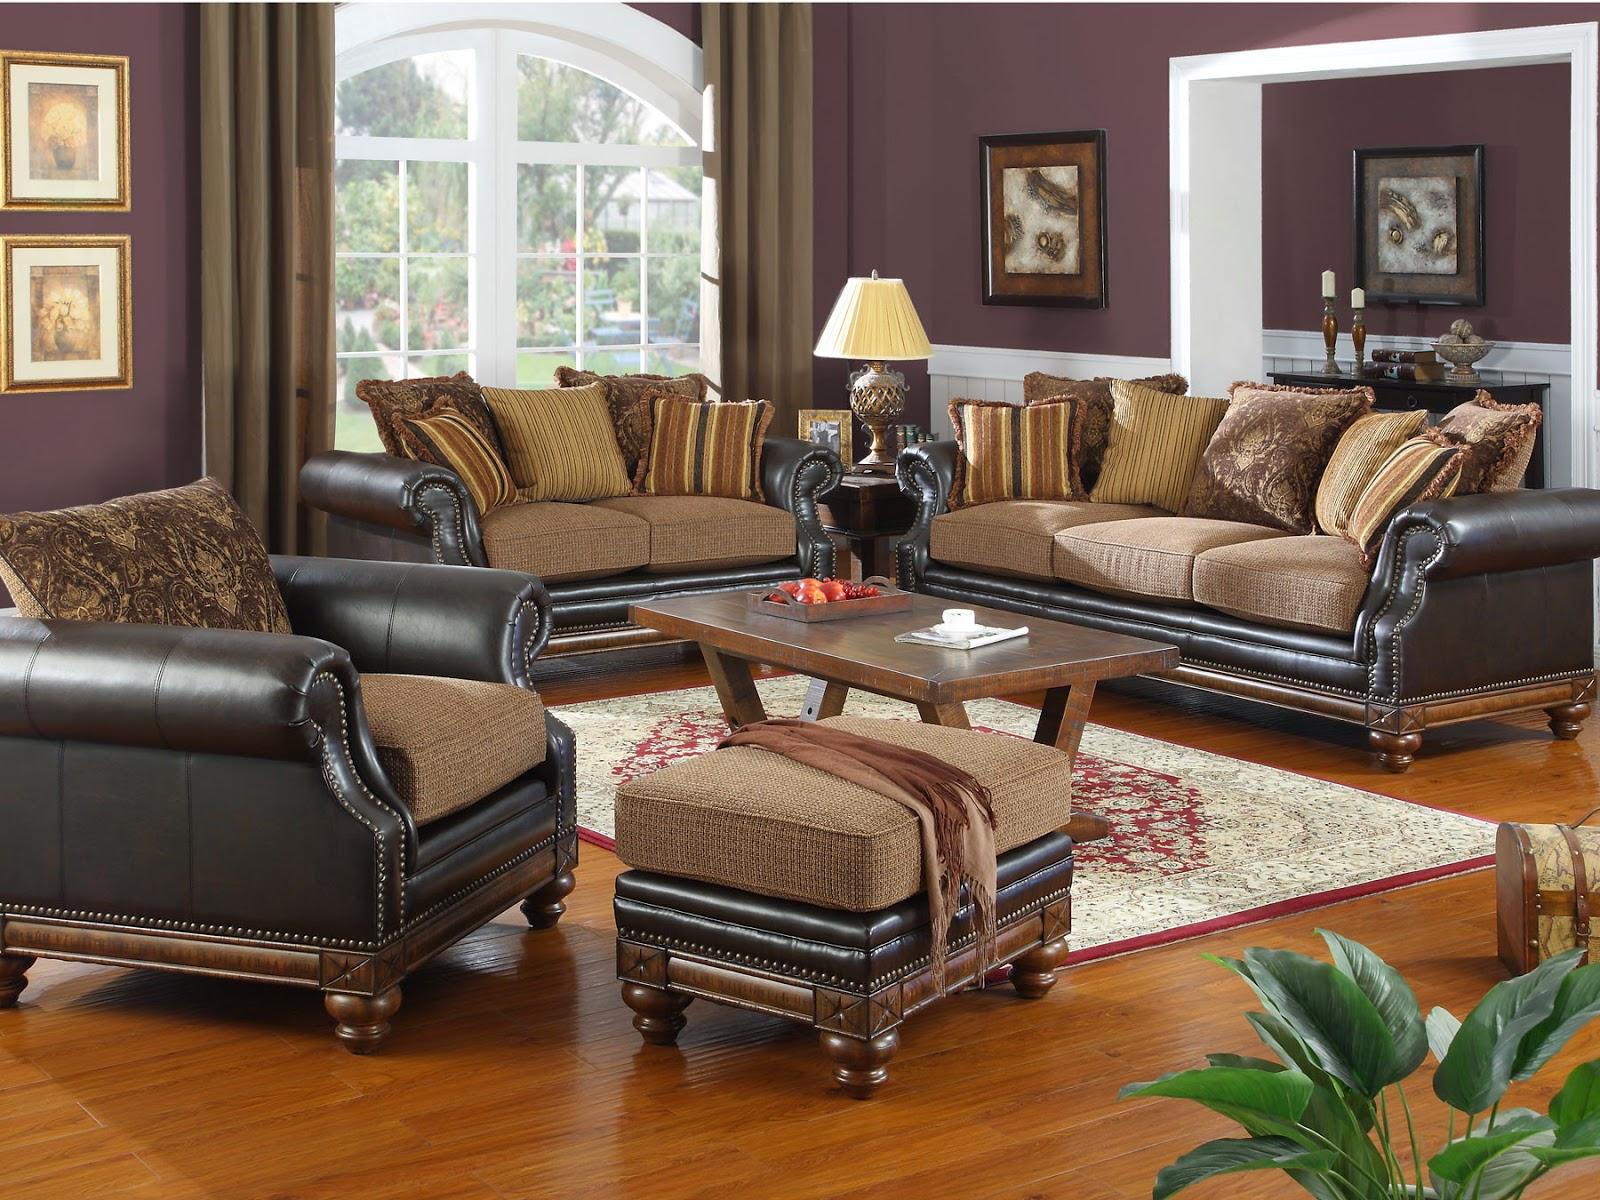 #5 Contemporary Living Room Ideas 2014 | Home Design HD ...